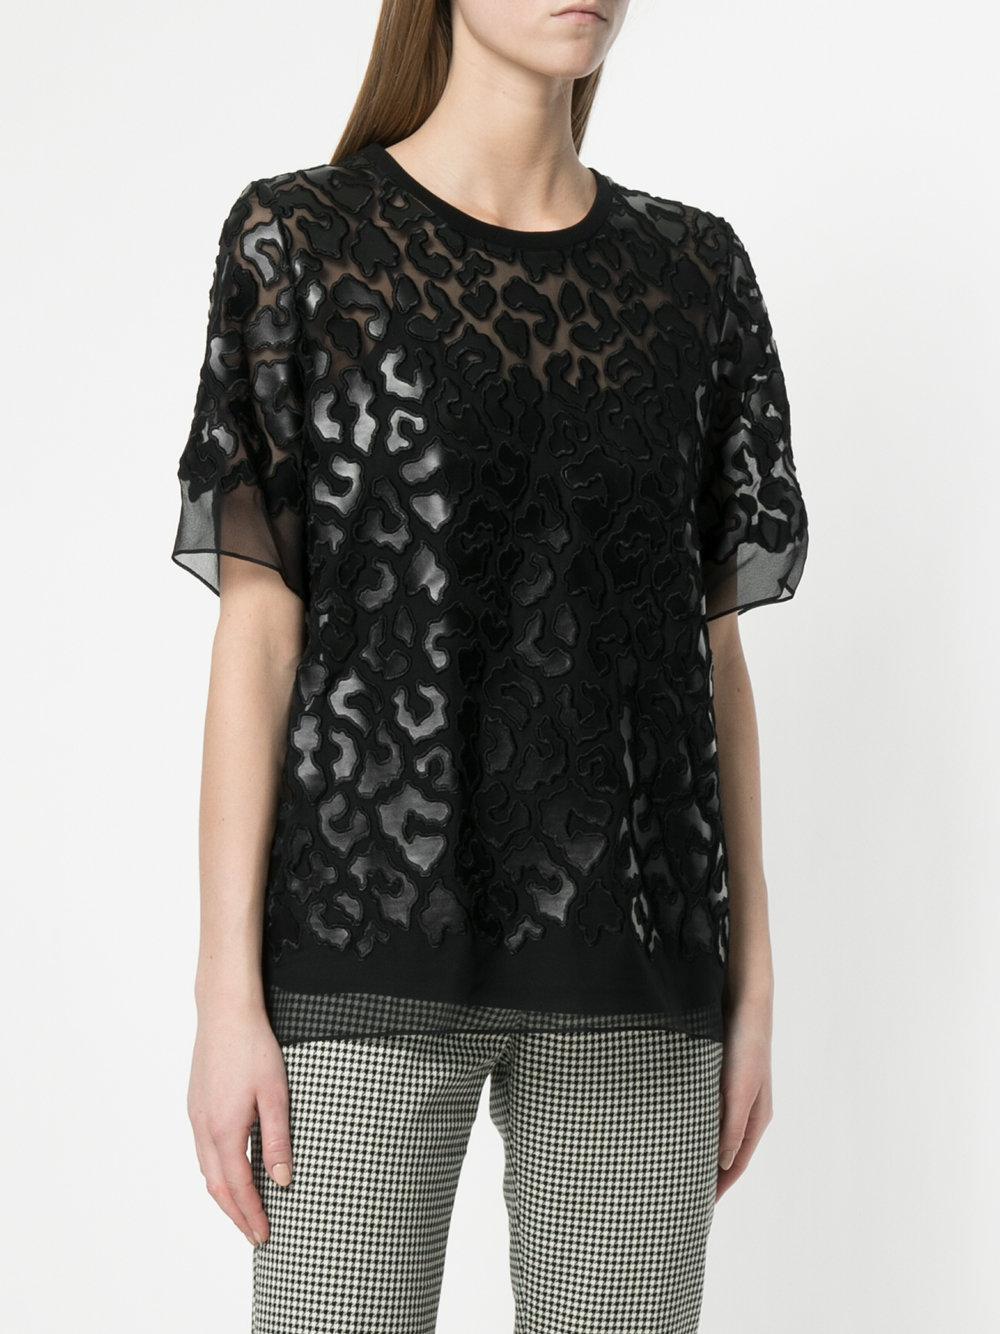 de con estampado leopardo parche Stella con camiseta transparente Mccartney  IxXqXzaY 29c2465e4f2